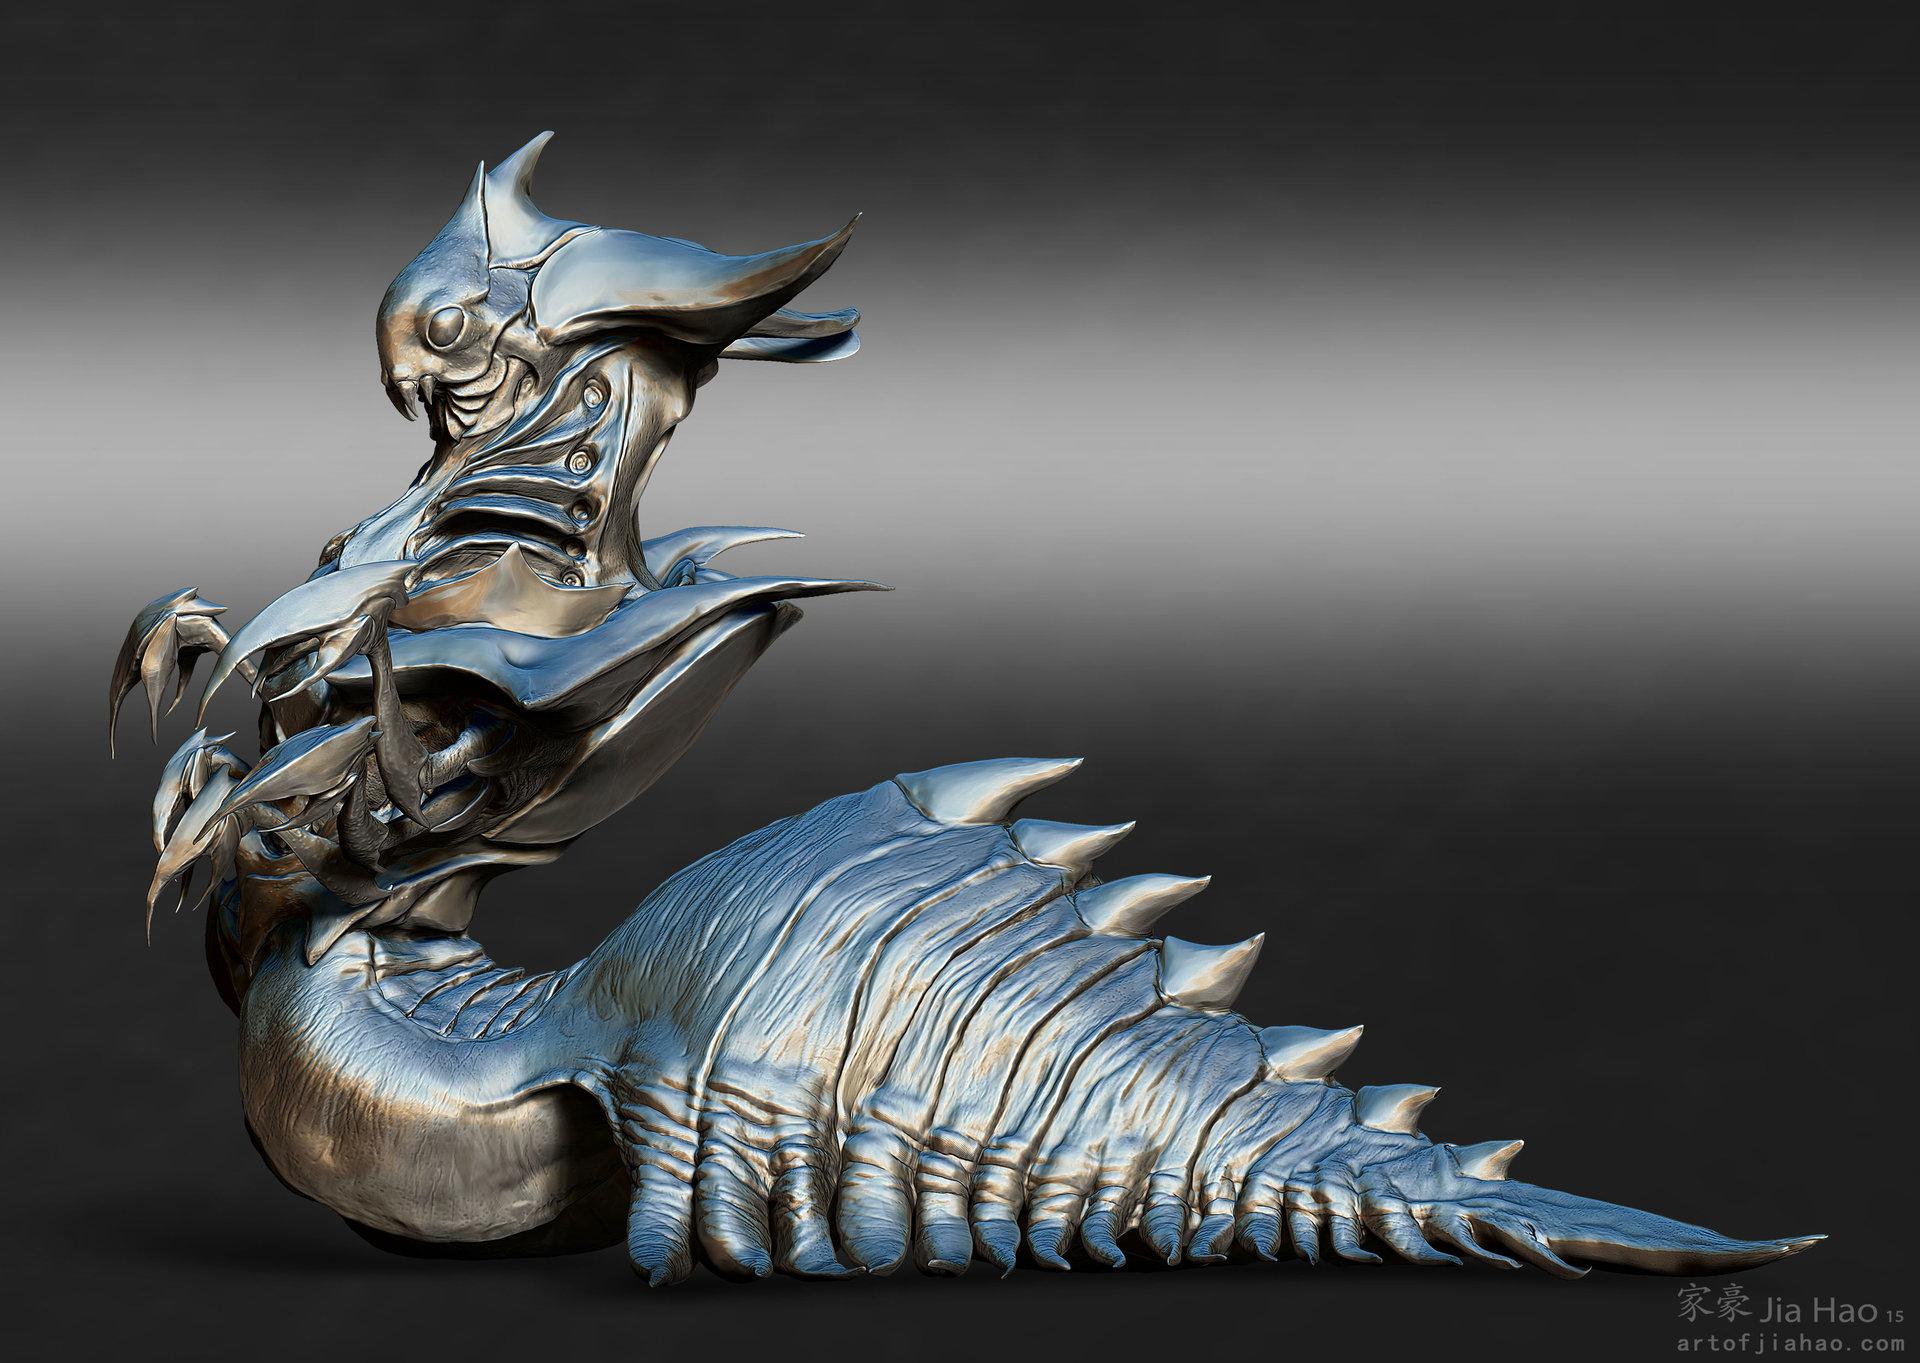 Jia hao 2015 09 insectqueen designpresentations sculpt 02